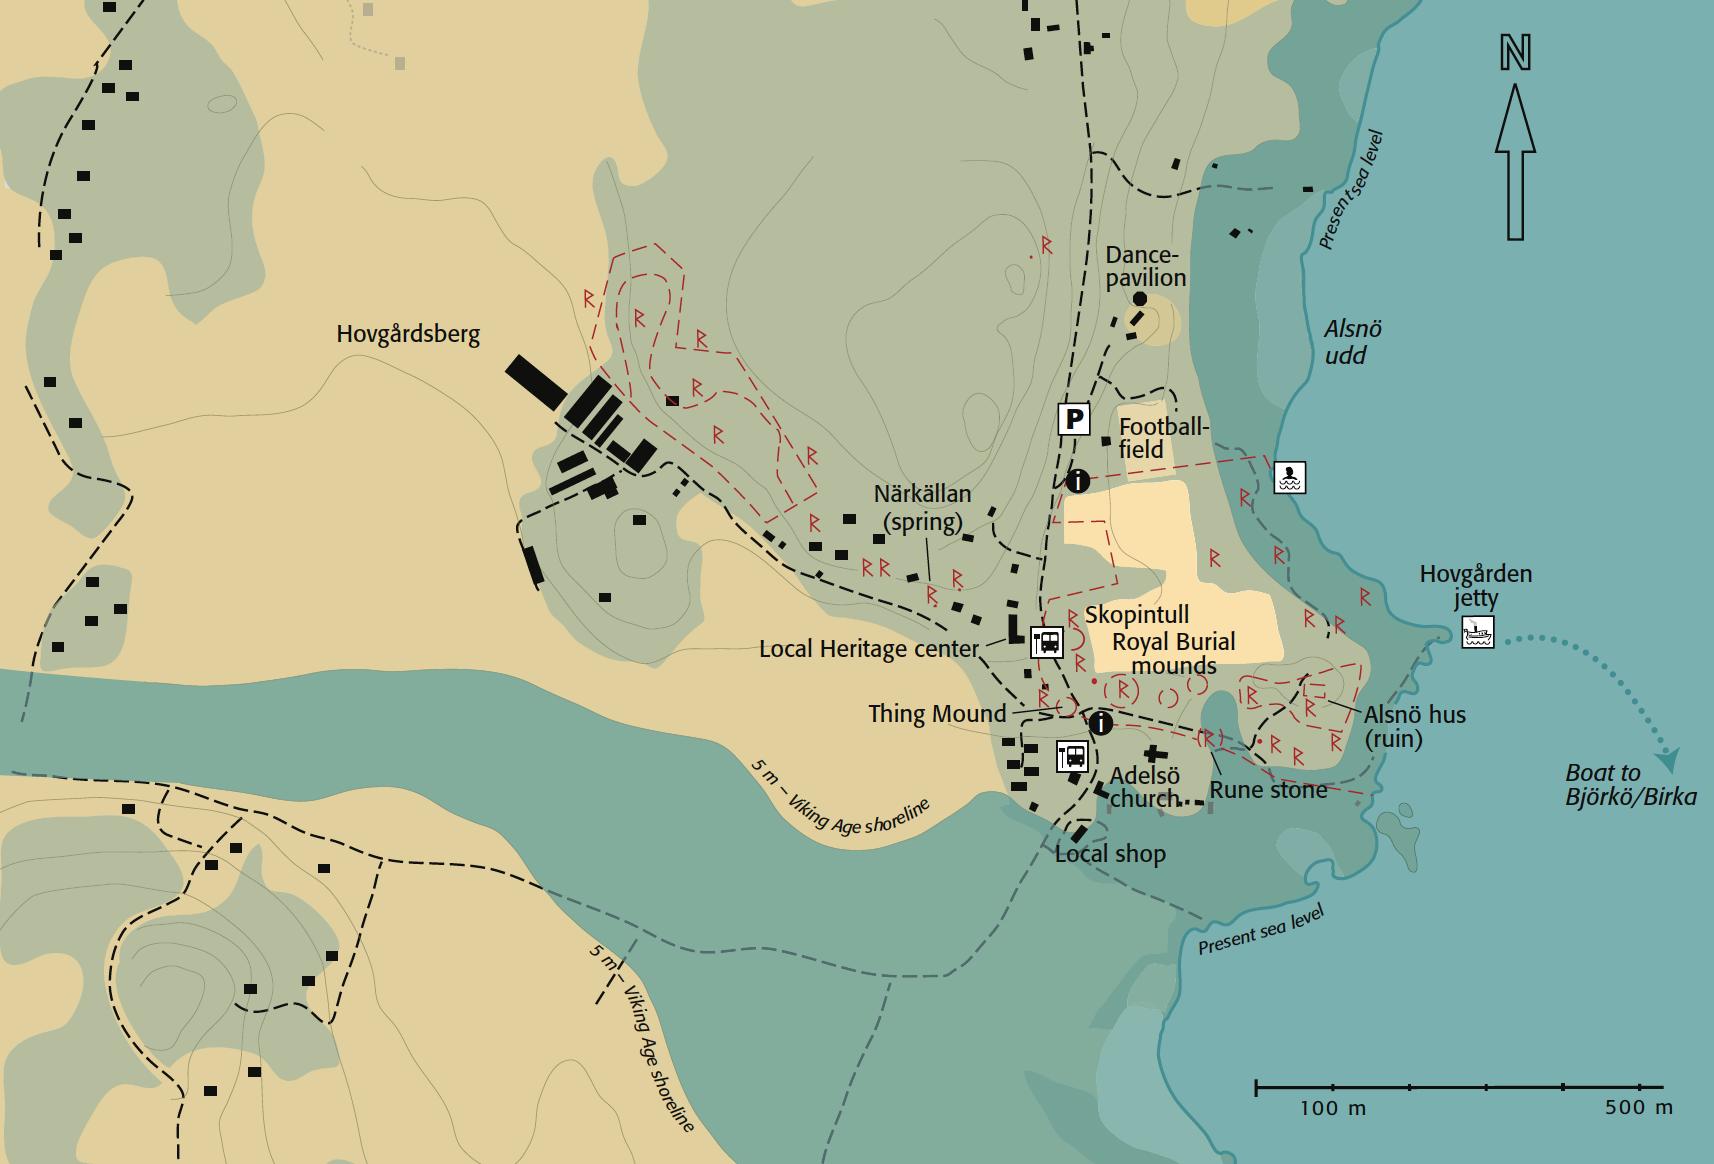 Karta över Hovgården, Riksantikvarieämbetet